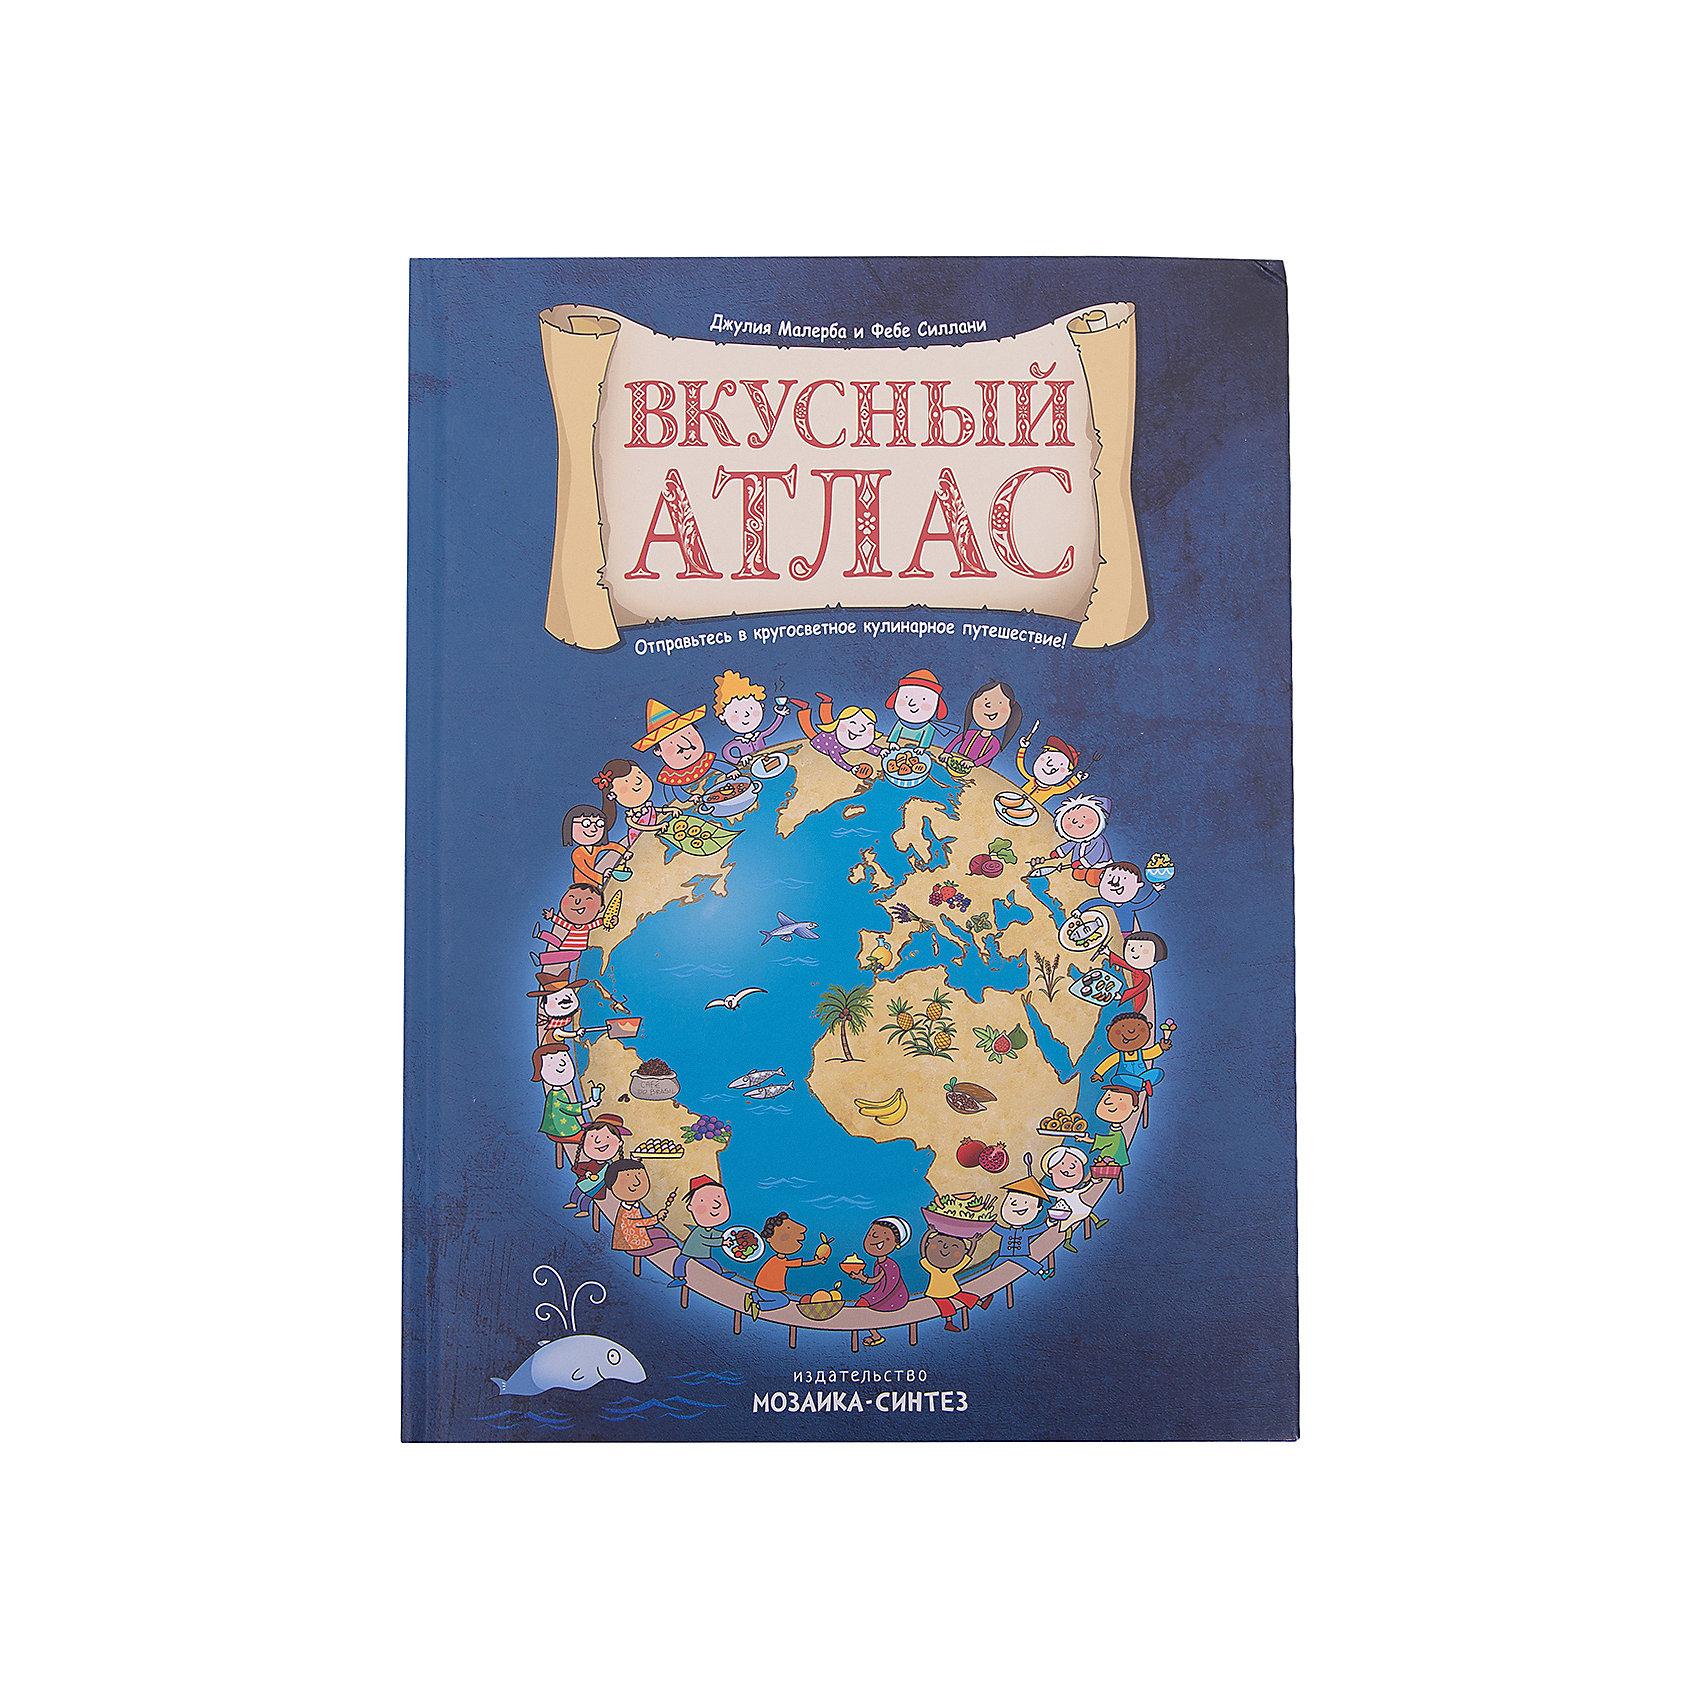 Книга Вкусный атласМозаика-Синтез<br>Характеристики вкусного атласа:<br><br>• возраст: от 5 лет<br>• пол: для мальчиков и девочек<br>• материал: бумага.<br>• количество страниц: 72.<br>• размер книги: 27.5x37.5 см.<br>• тип обложки: твердый.<br>• иллюстрации: цветные.<br>• бренд: Мозаика-Синтез<br>• страна обладатель бренда: Россия.<br><br>Книга Вкусный атлас от издательства Мозаика-Синтез поможет ребенку окунуться в увлекательный мир географии. Он познакомится с флорой и фауной пяти населенных континентов, а также с их основными продуктами питания. Красочные страницы атласа раскрывают секреты, интересные факты и особенности различных национальных блюд.<br><br>Вкусный атлас от издательства Мозаика-Синтез можно купить в нашем интернет-магазине.<br><br>Ширина мм: 14<br>Глубина мм: 275<br>Высота мм: 375<br>Вес г: 1118<br>Возраст от месяцев: 60<br>Возраст до месяцев: 108<br>Пол: Унисекс<br>Возраст: Детский<br>SKU: 5362930